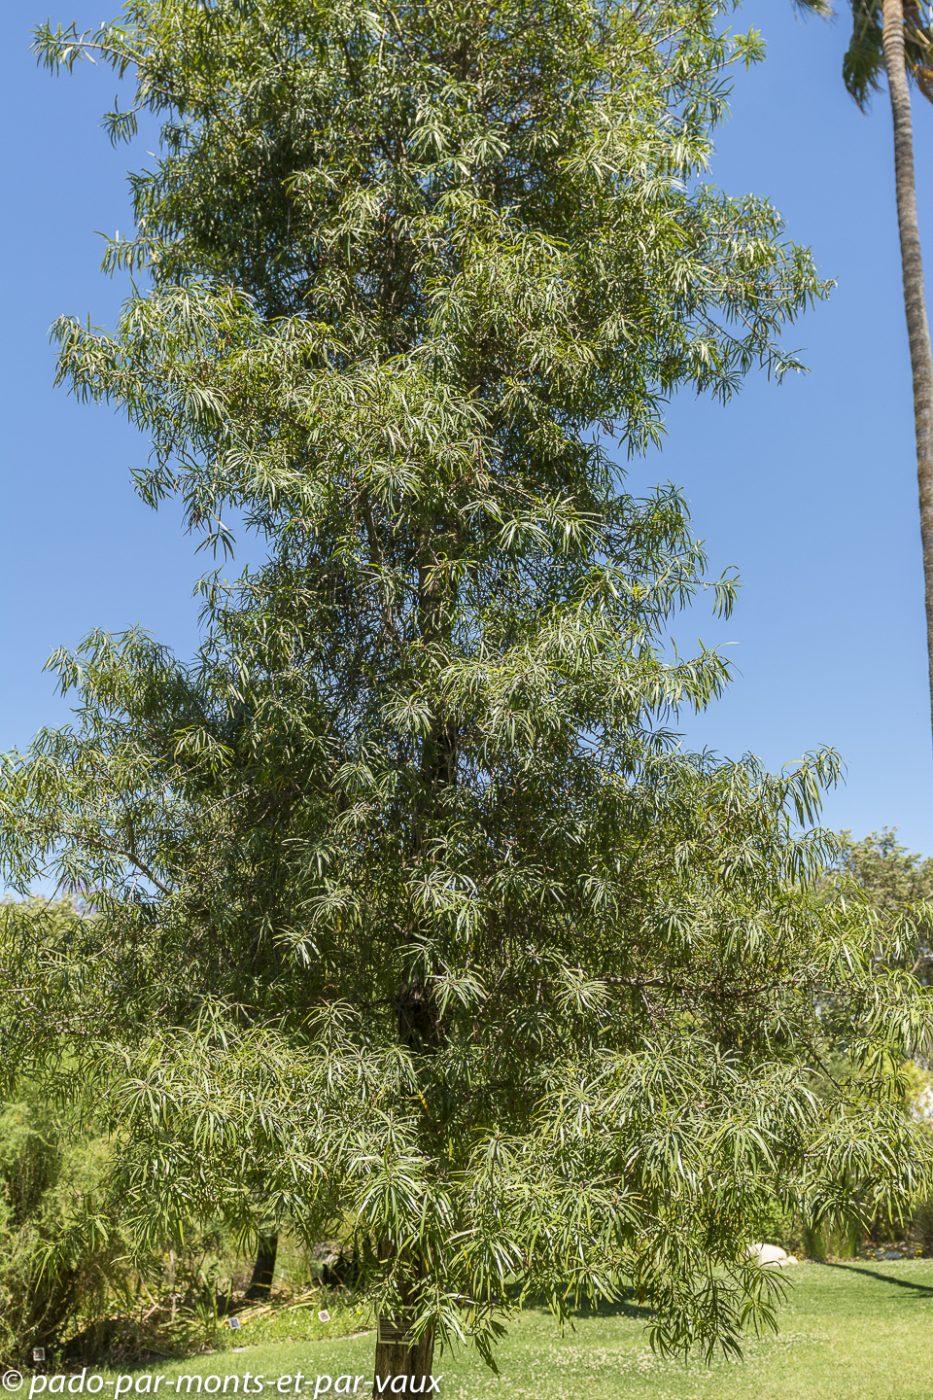 Stellenbosch - Jardin botanique - Podocarpus henkelii